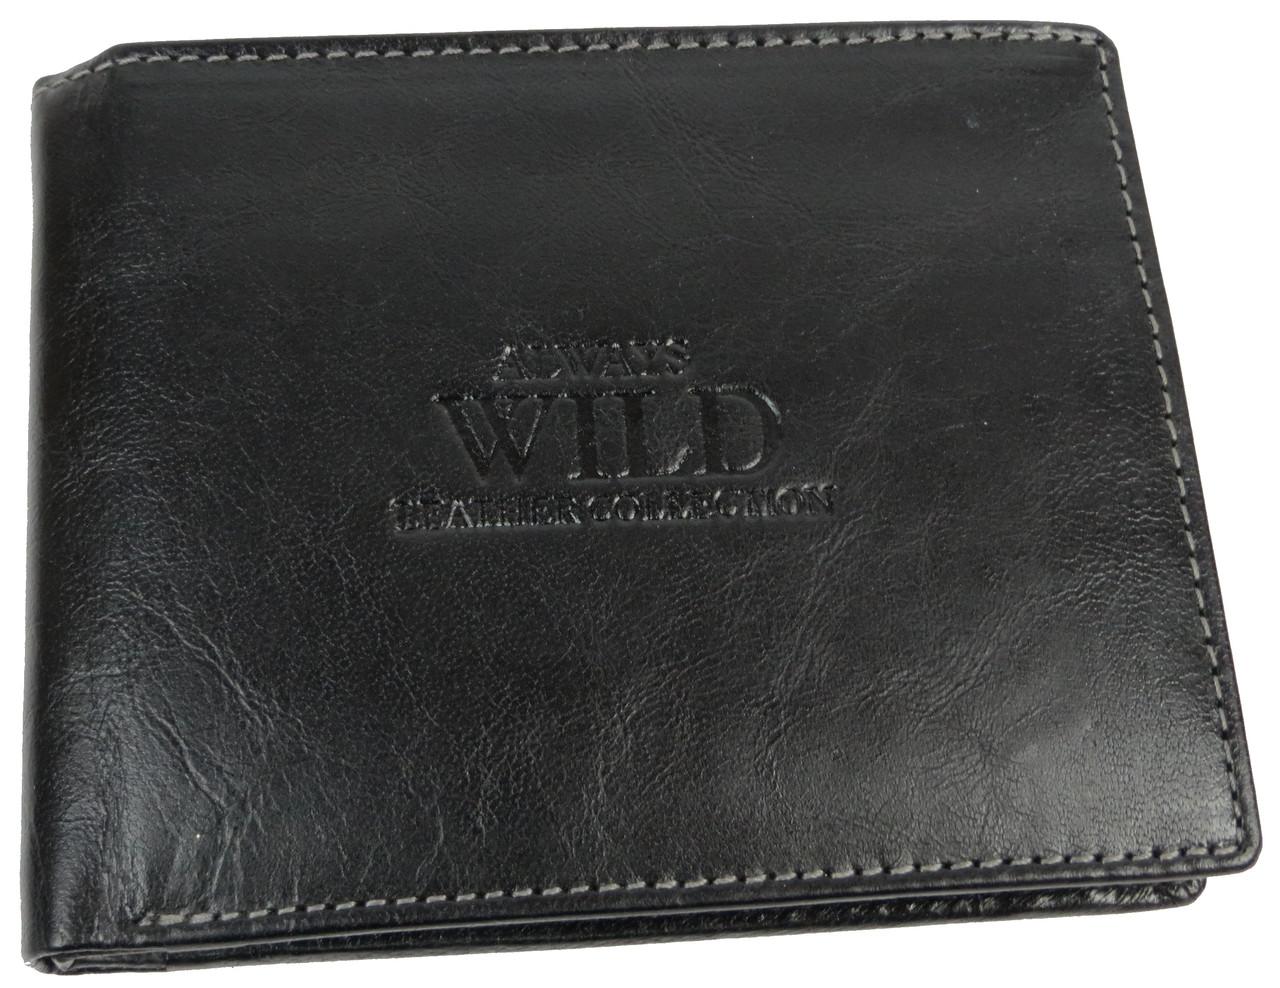 Кошелек мужской Always Wild кожаный Черный (SN7GT Black)